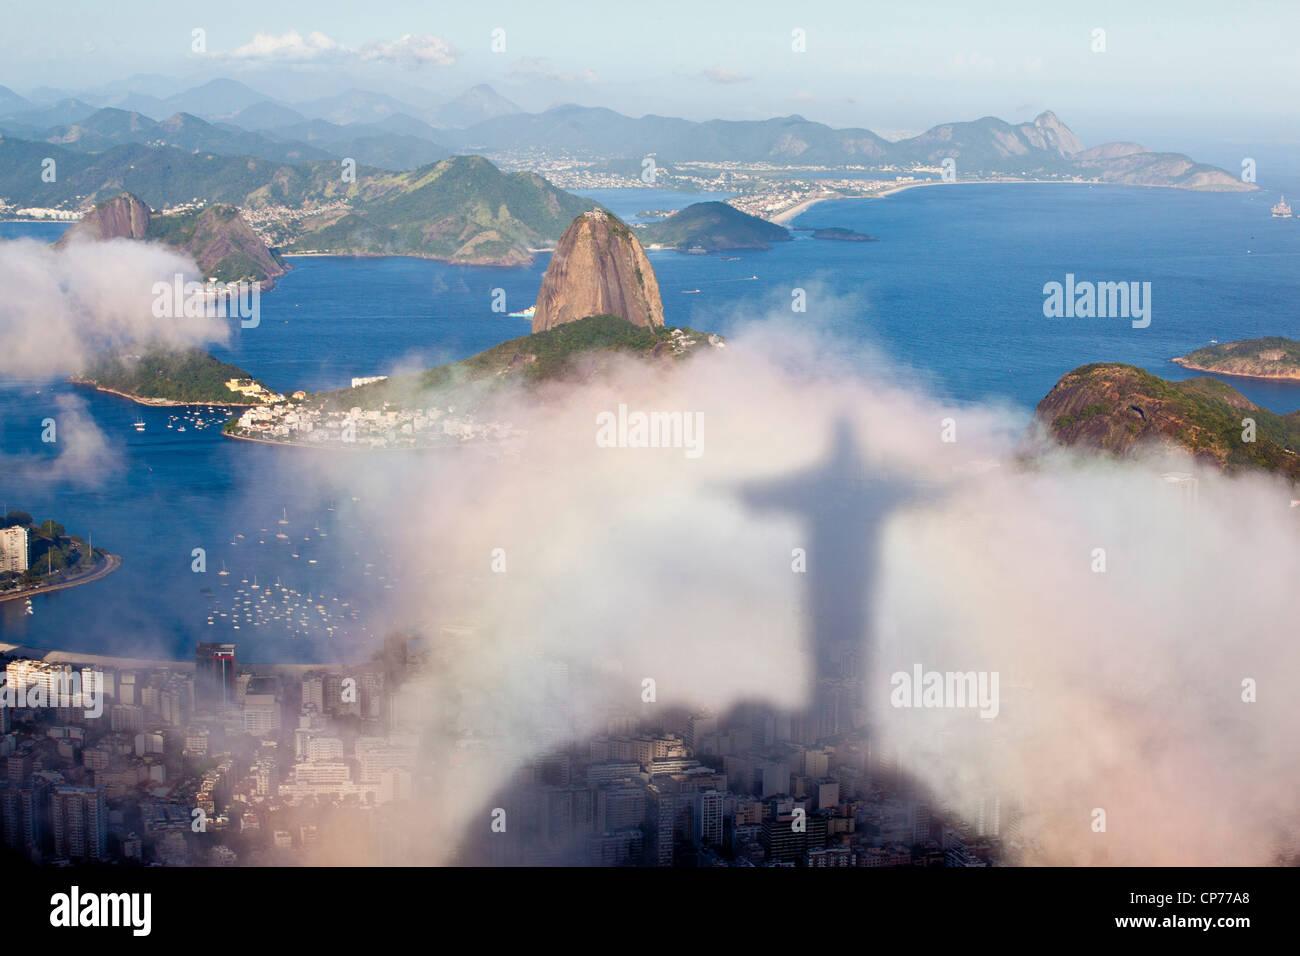 Schatten des Christus der Erlöser Statue projiziert auf Wolke, Zuckerhut und Niteroi Stadtstrände auf Stockbild